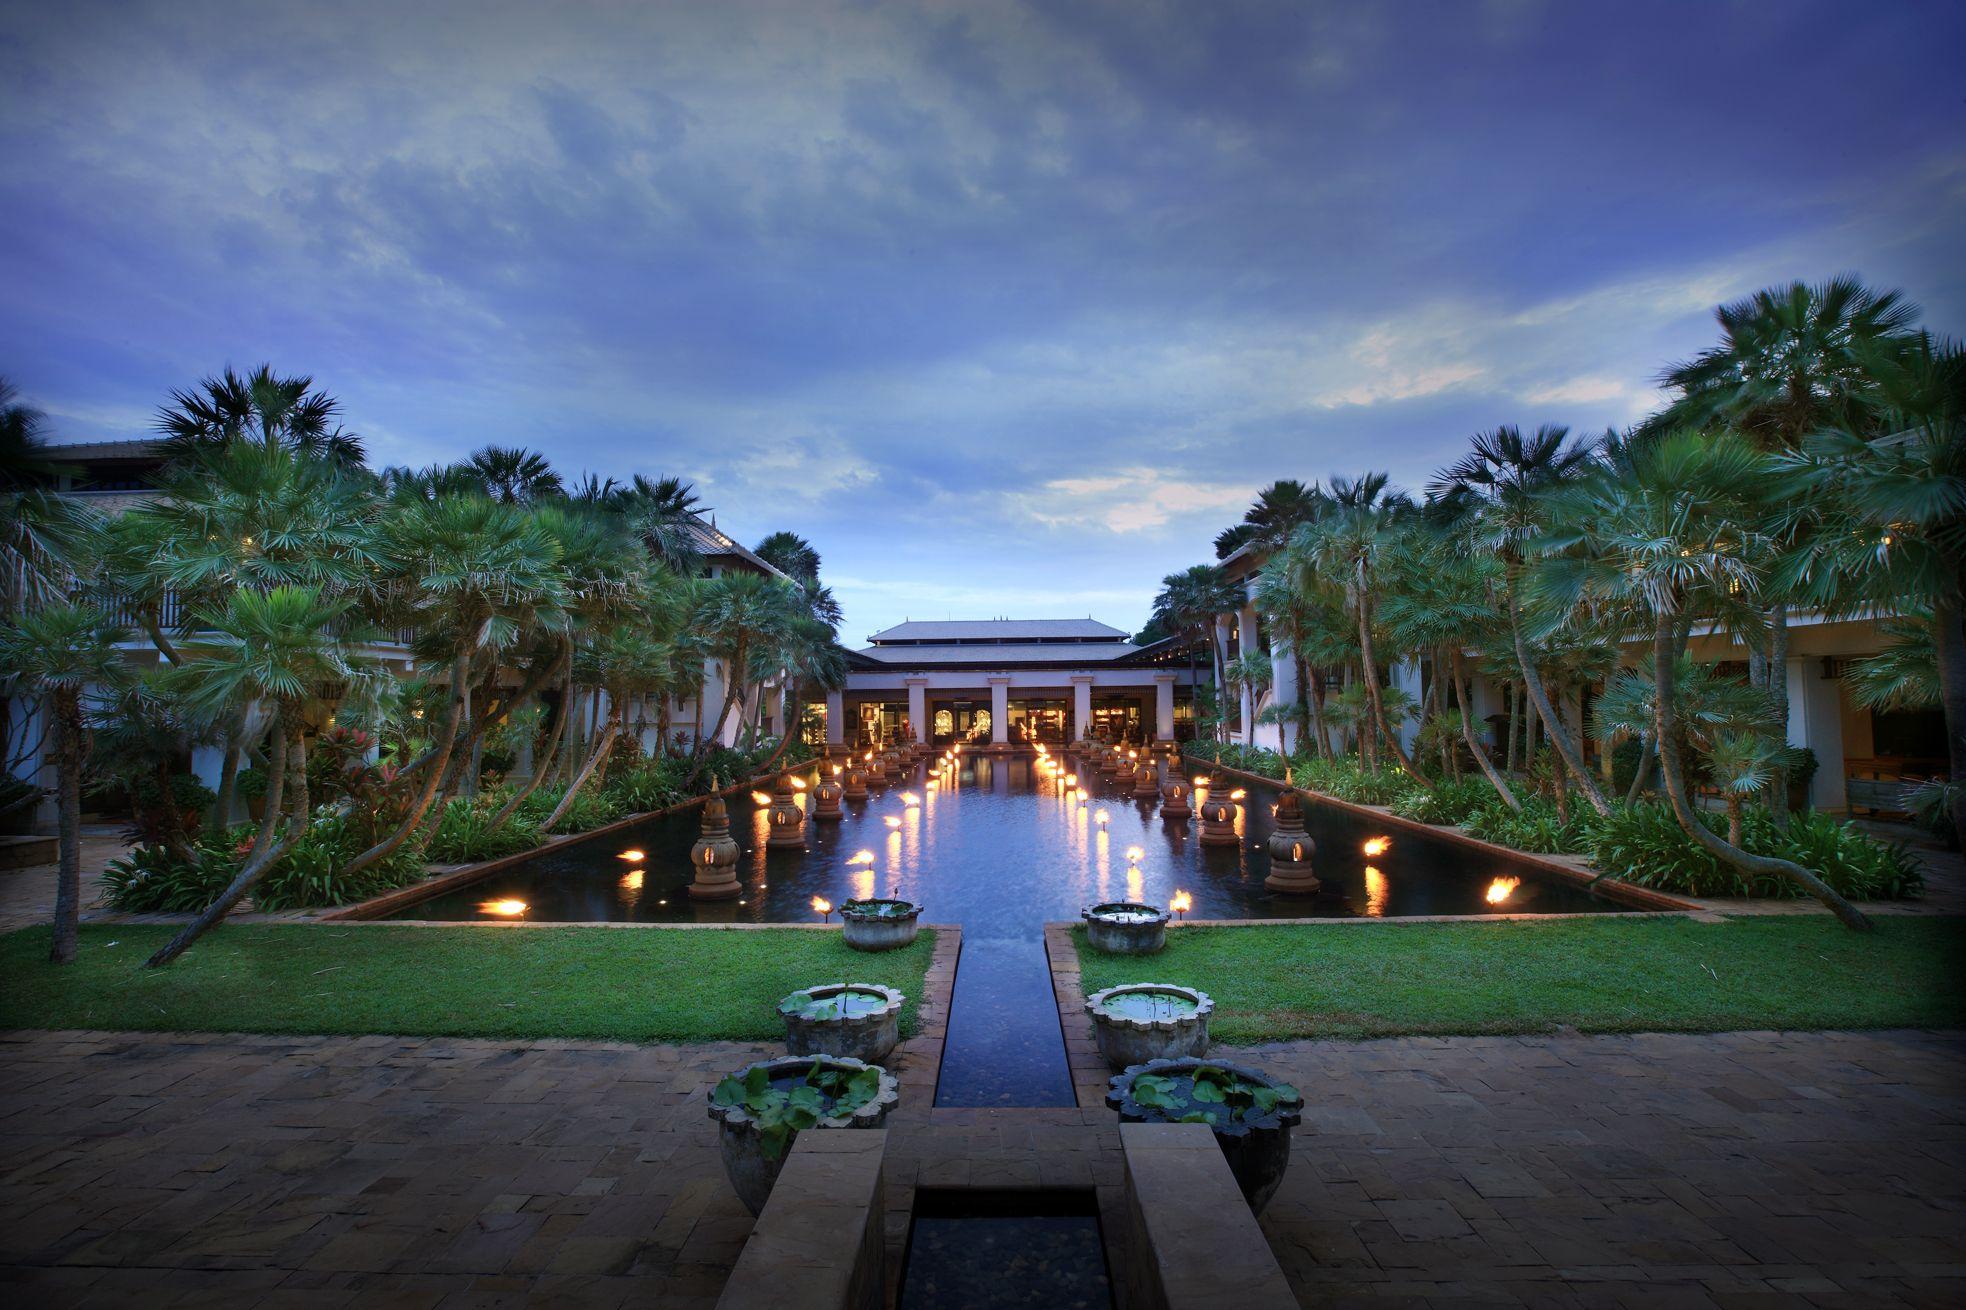 Lotus pond at JW Marriott Phuket Resort